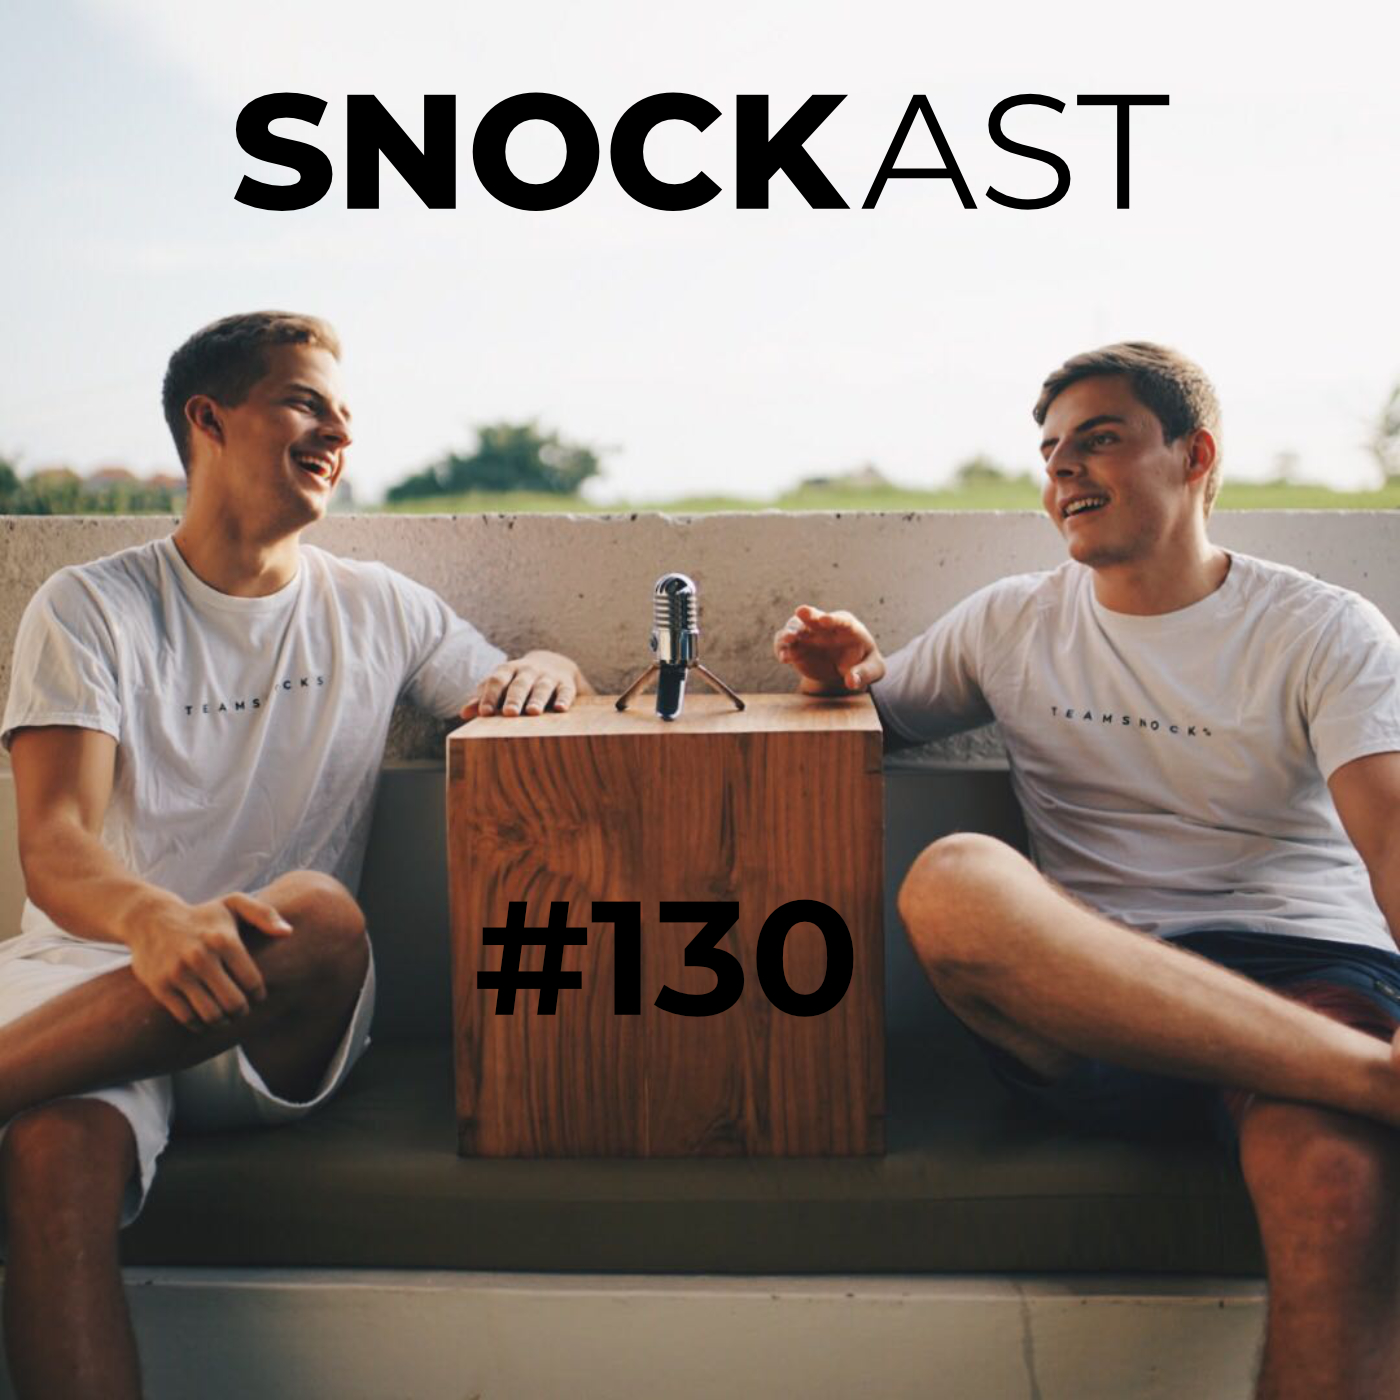 #130 – #interview – Durch smarte Finanzierung mit VAI Trade die eigenen Produkte besser vermarkten